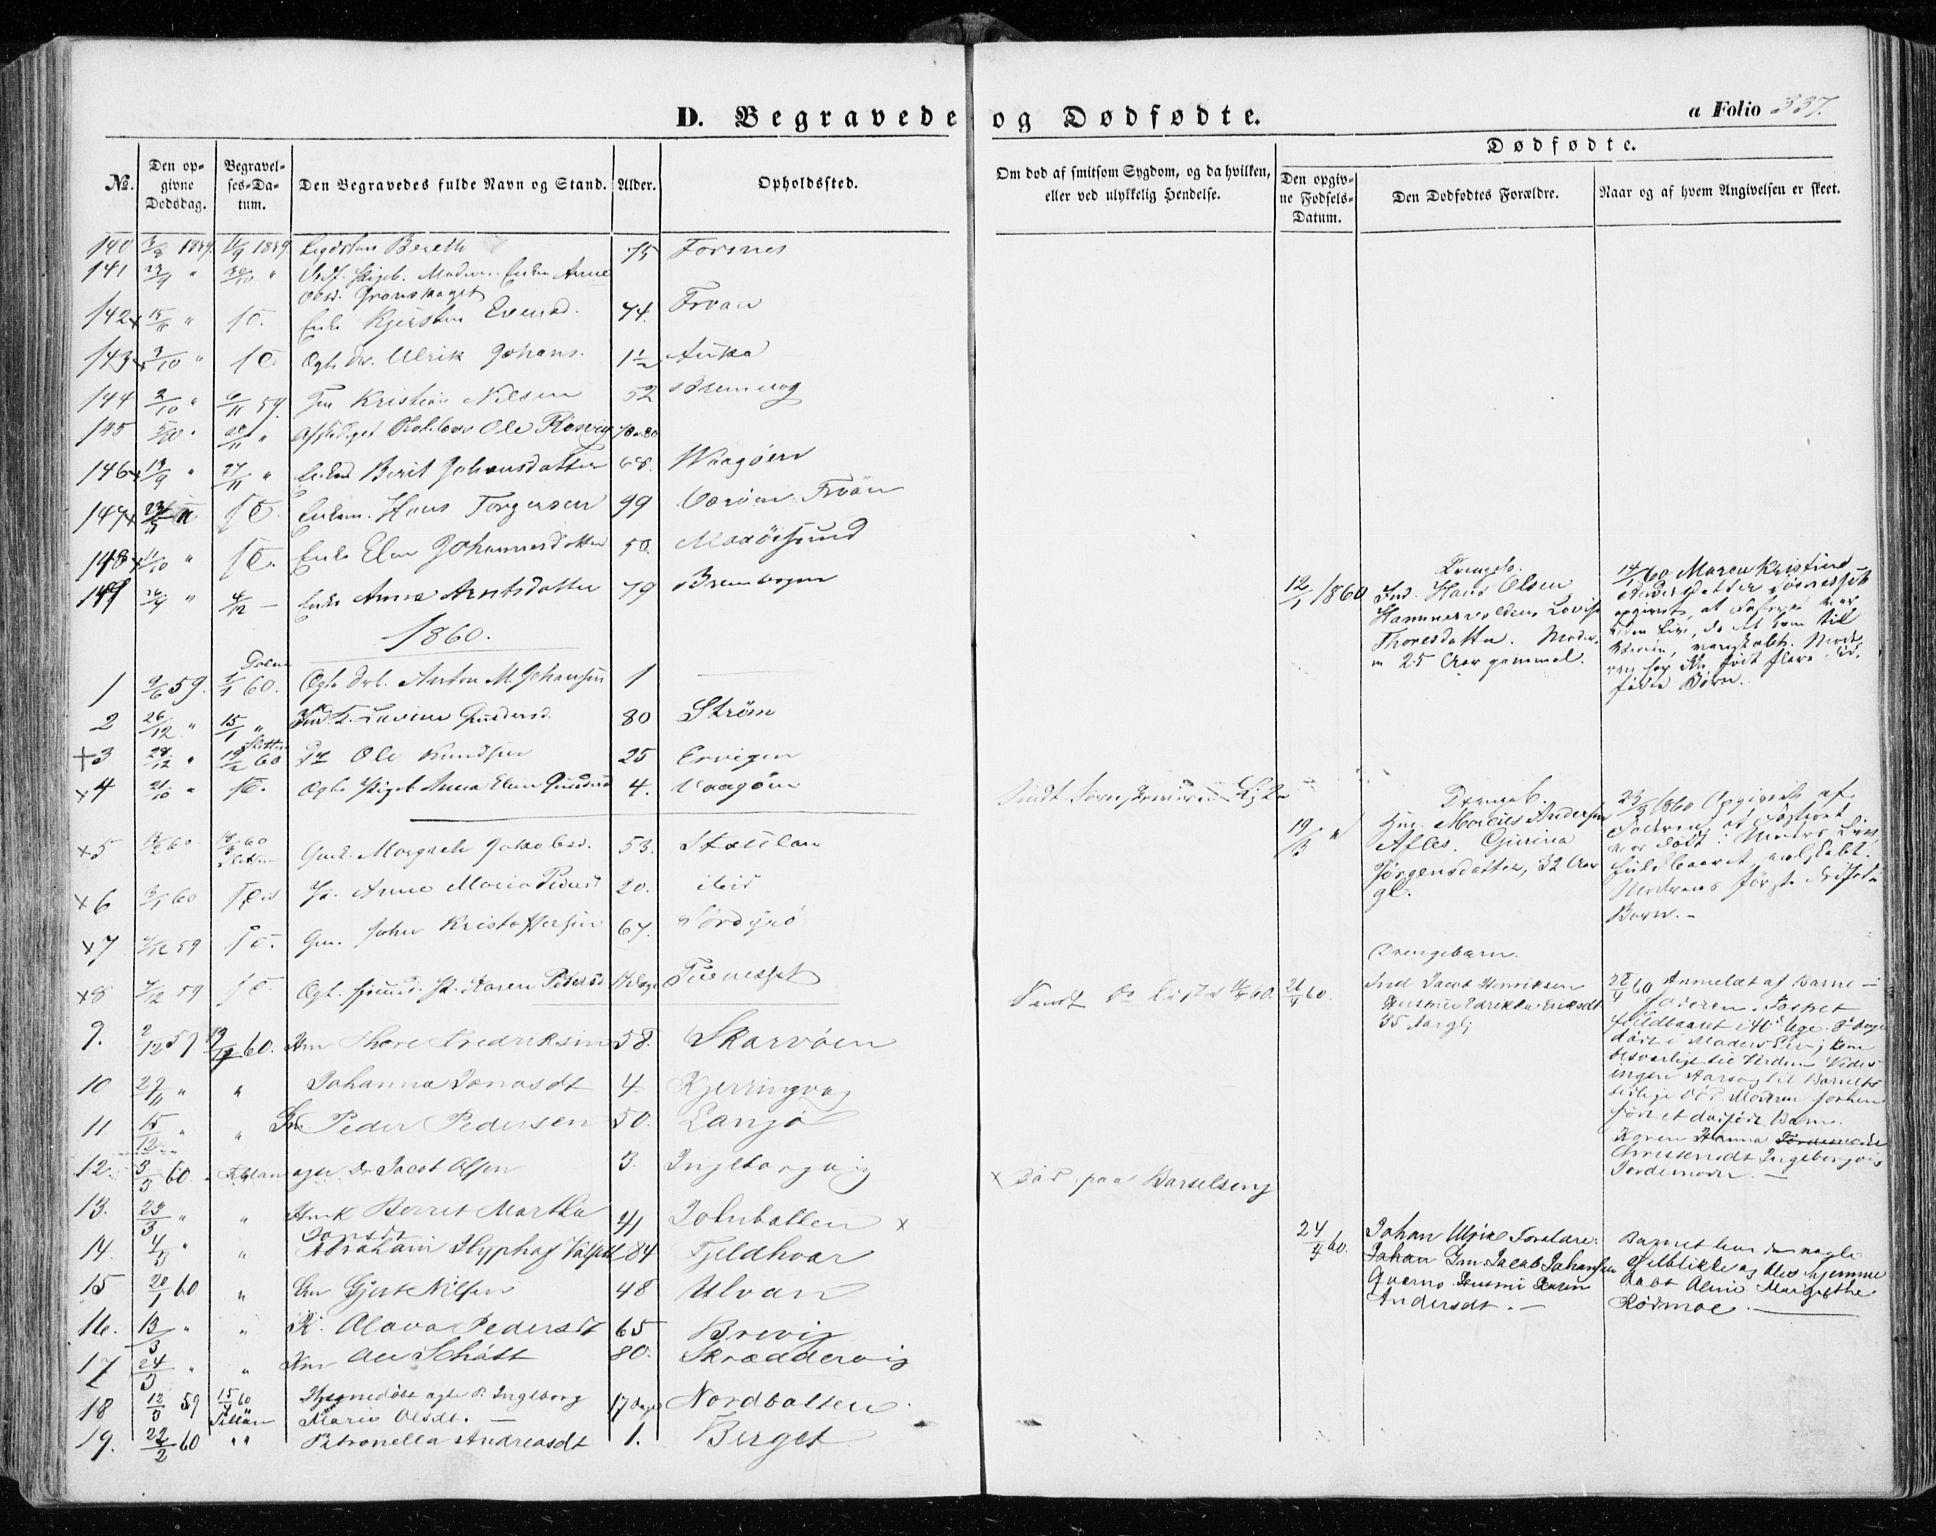 SAT, Ministerialprotokoller, klokkerbøker og fødselsregistre - Sør-Trøndelag, 634/L0530: Ministerialbok nr. 634A06, 1852-1860, s. 337